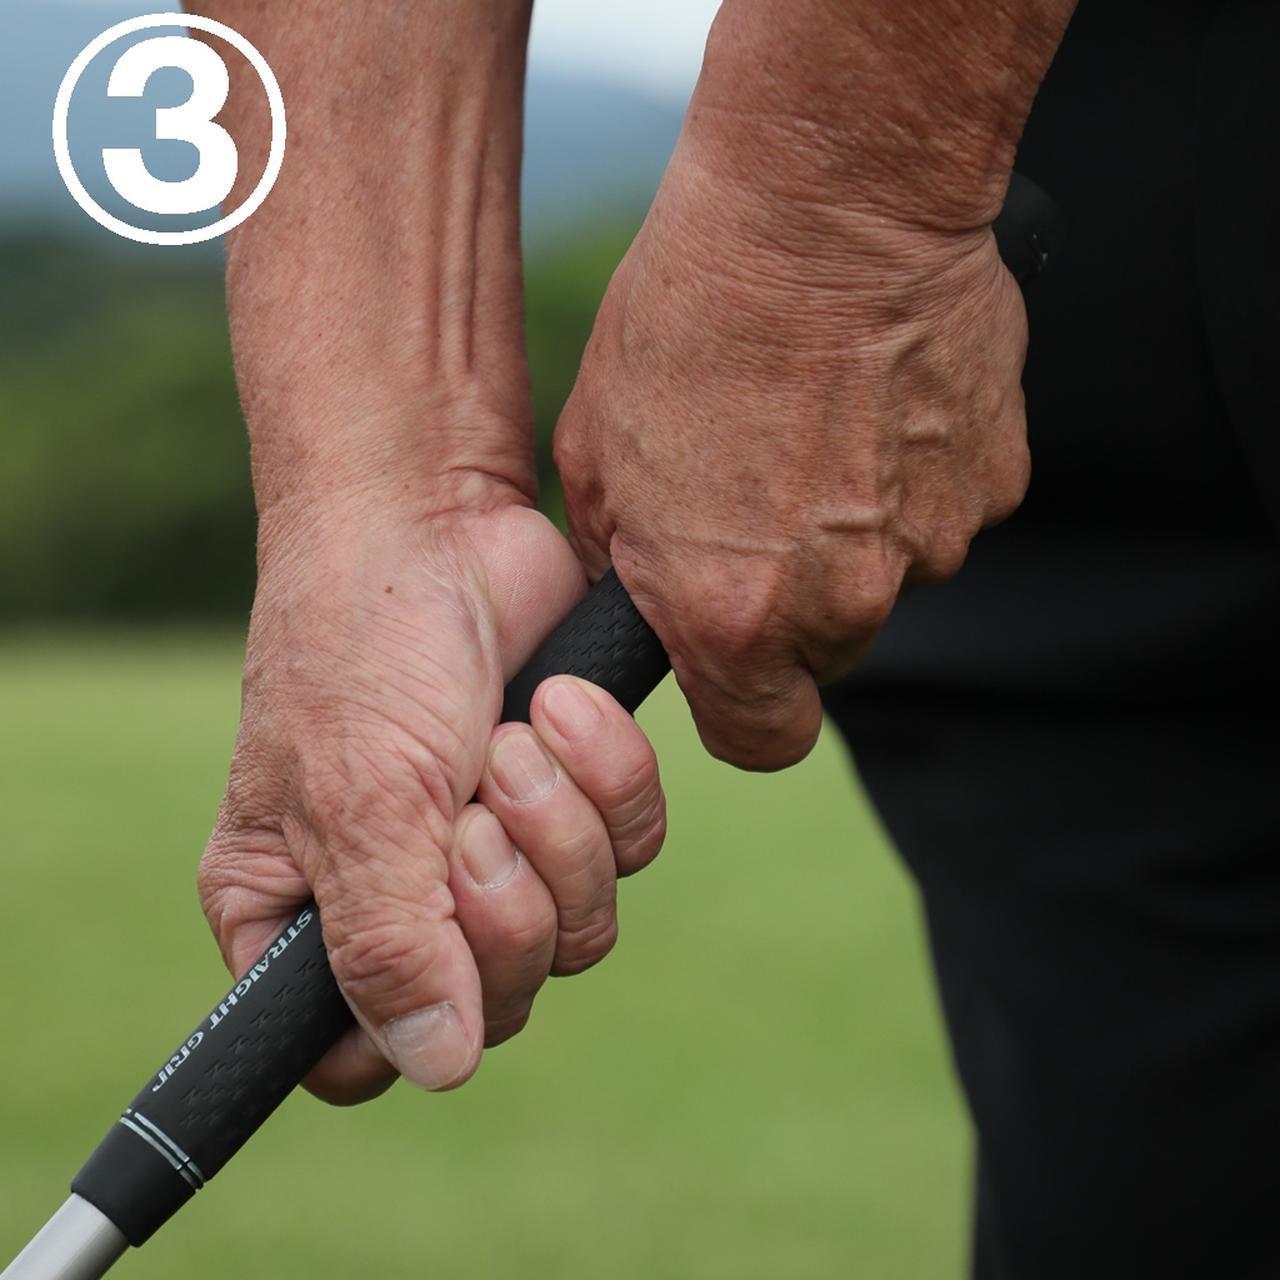 画像3: 右手が主役だから再現性が高い